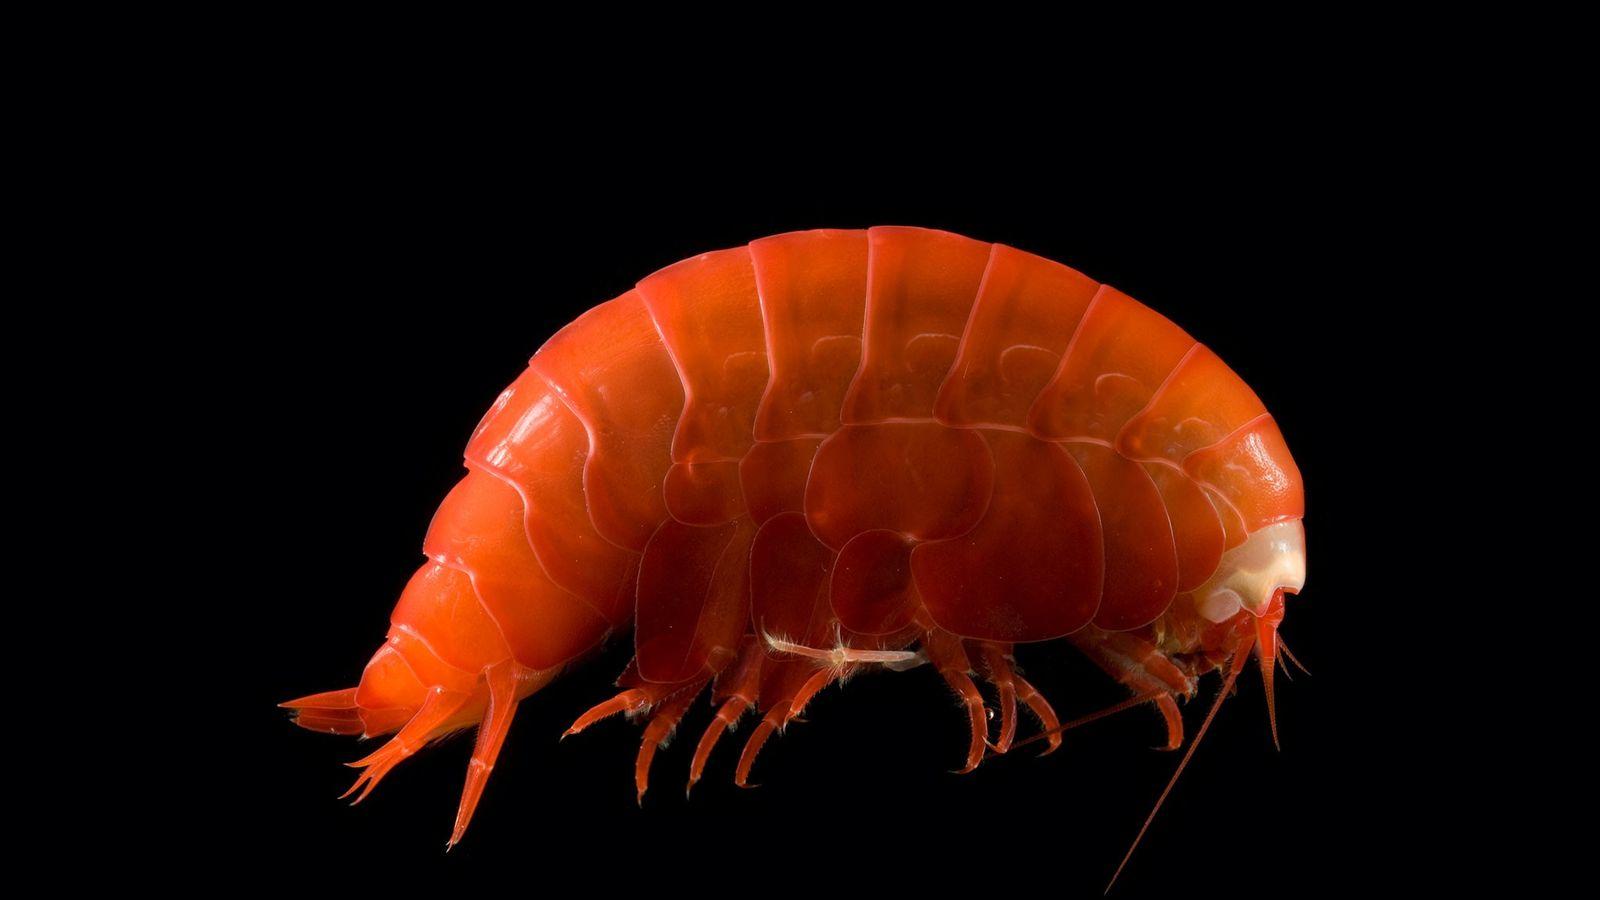 Les amphipodes, à l'instar de cette créature semblable à une crevette, vivent au fond des océans ...